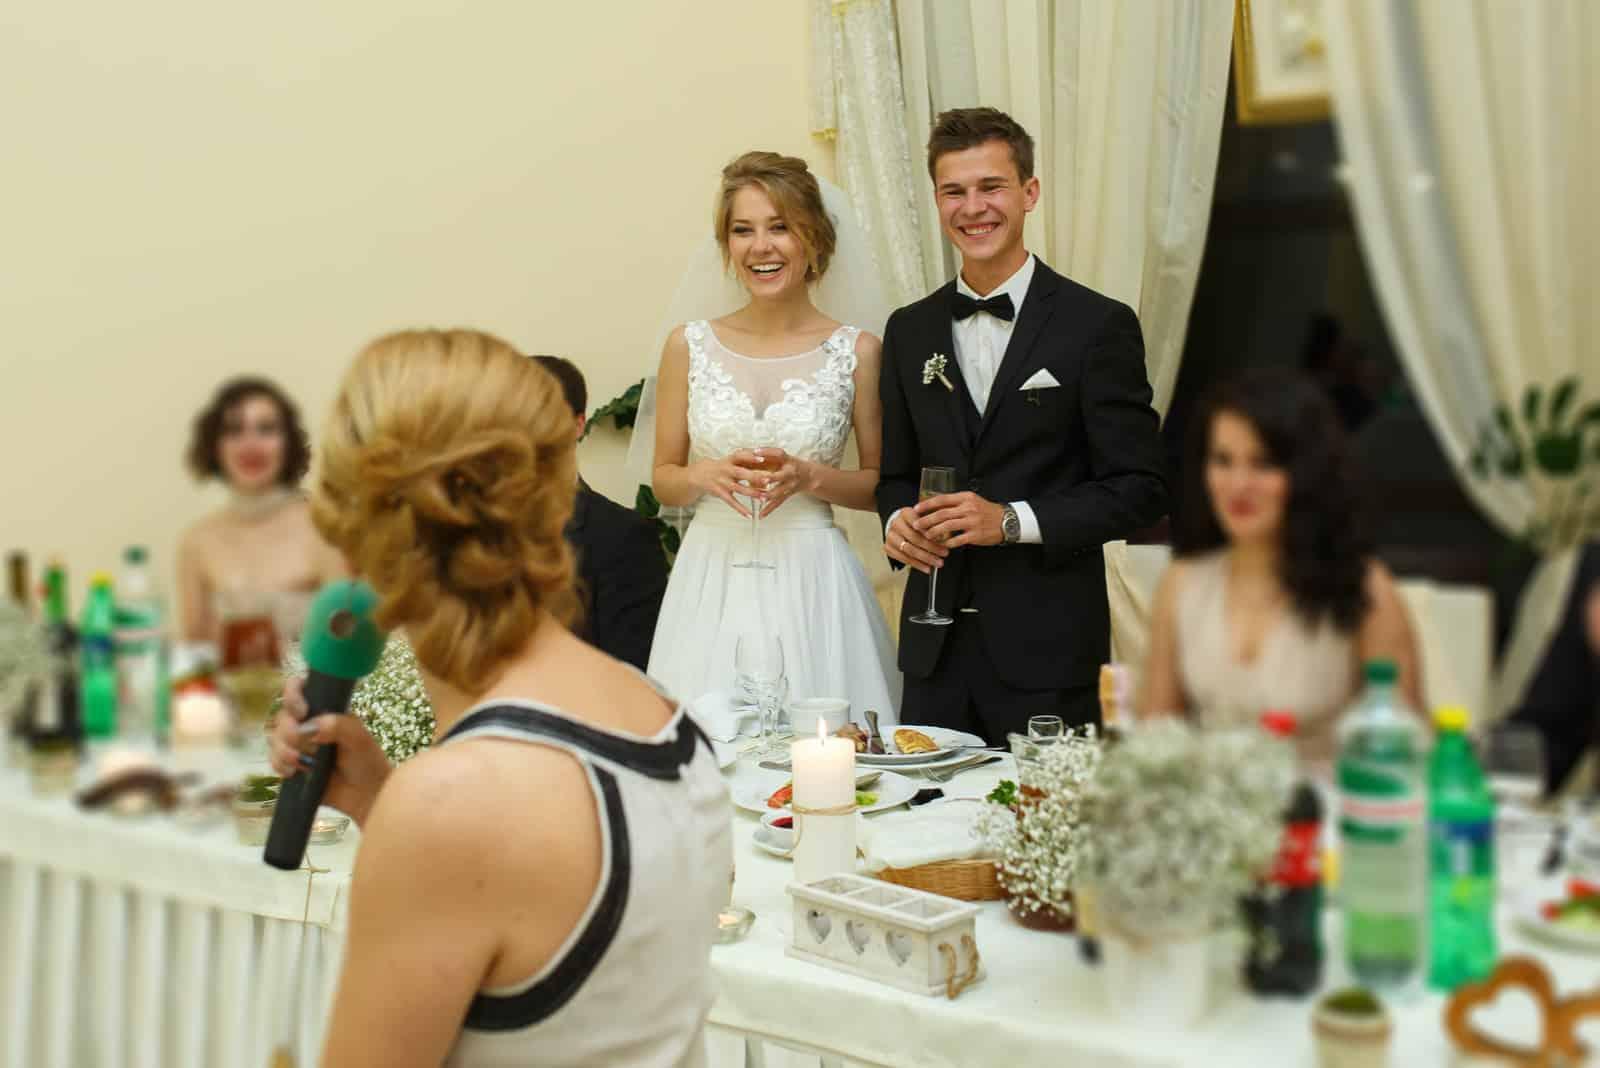 stilvolle glamouröse Hochzeitsfeier des glücklichen schönen jungen Paares